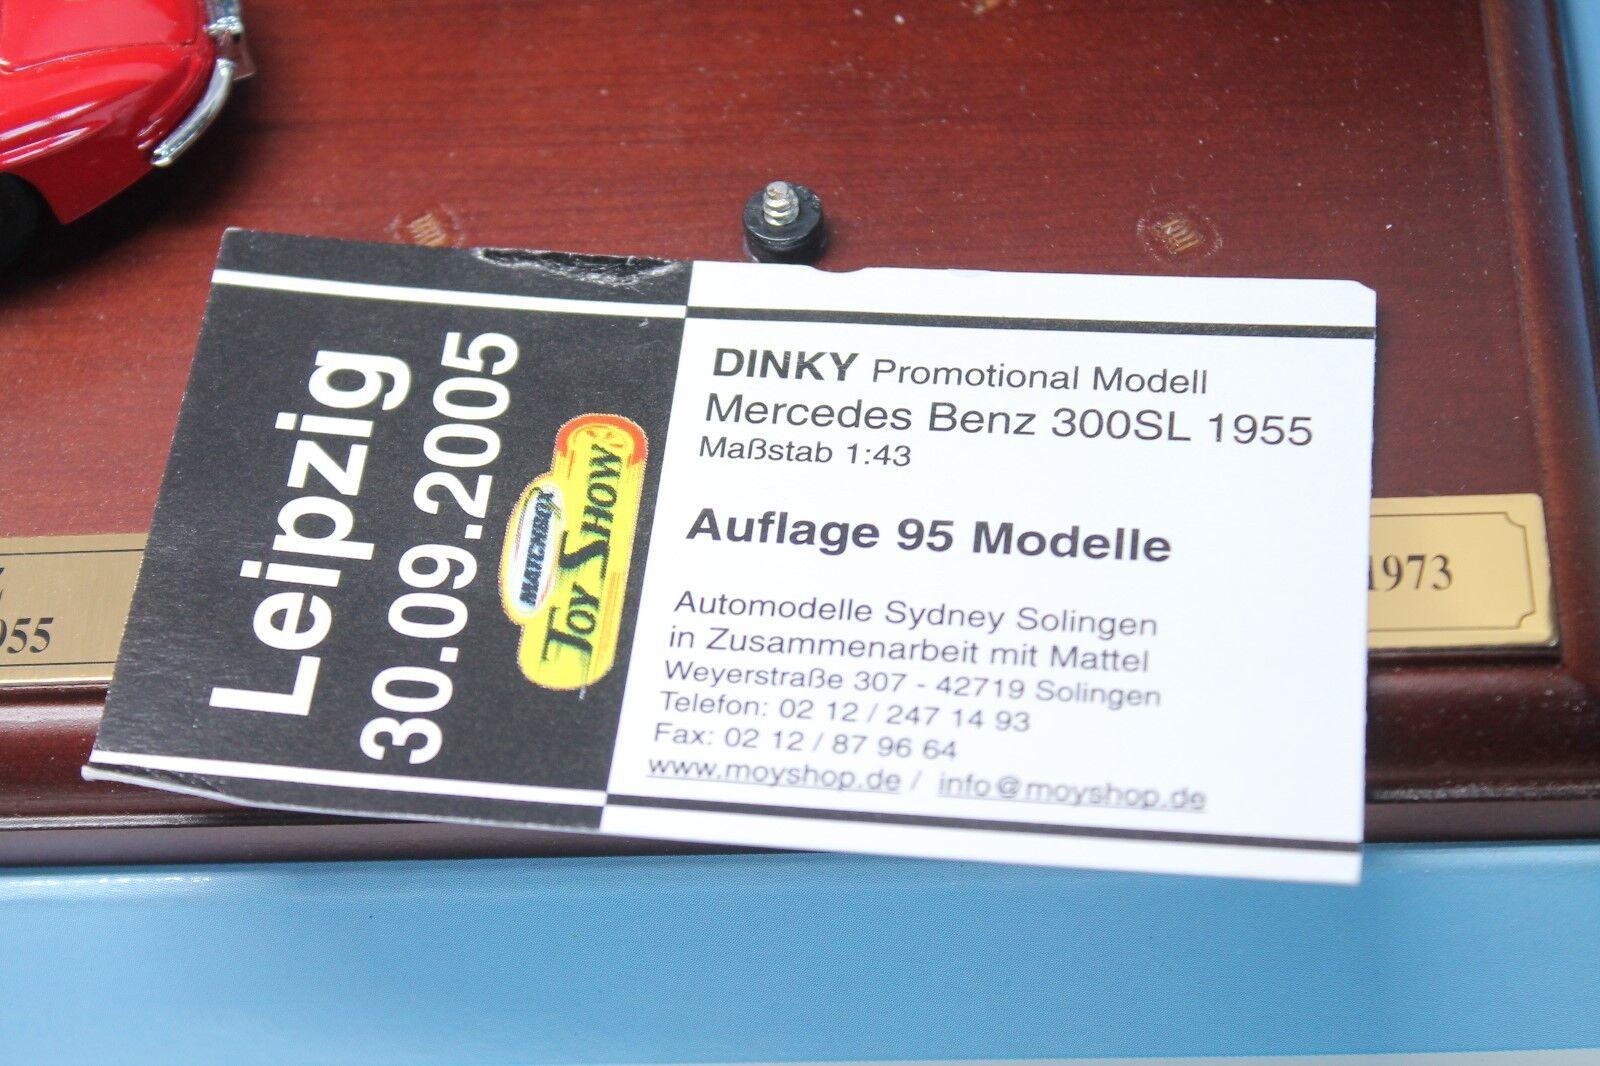 DINKY DINKY DINKY TOYS  MERCEDES BENZ 300 SL  Leipzig 2005  Neuf dans sa boîte  1:43   Paquet Solide Et élégant  1bc02a